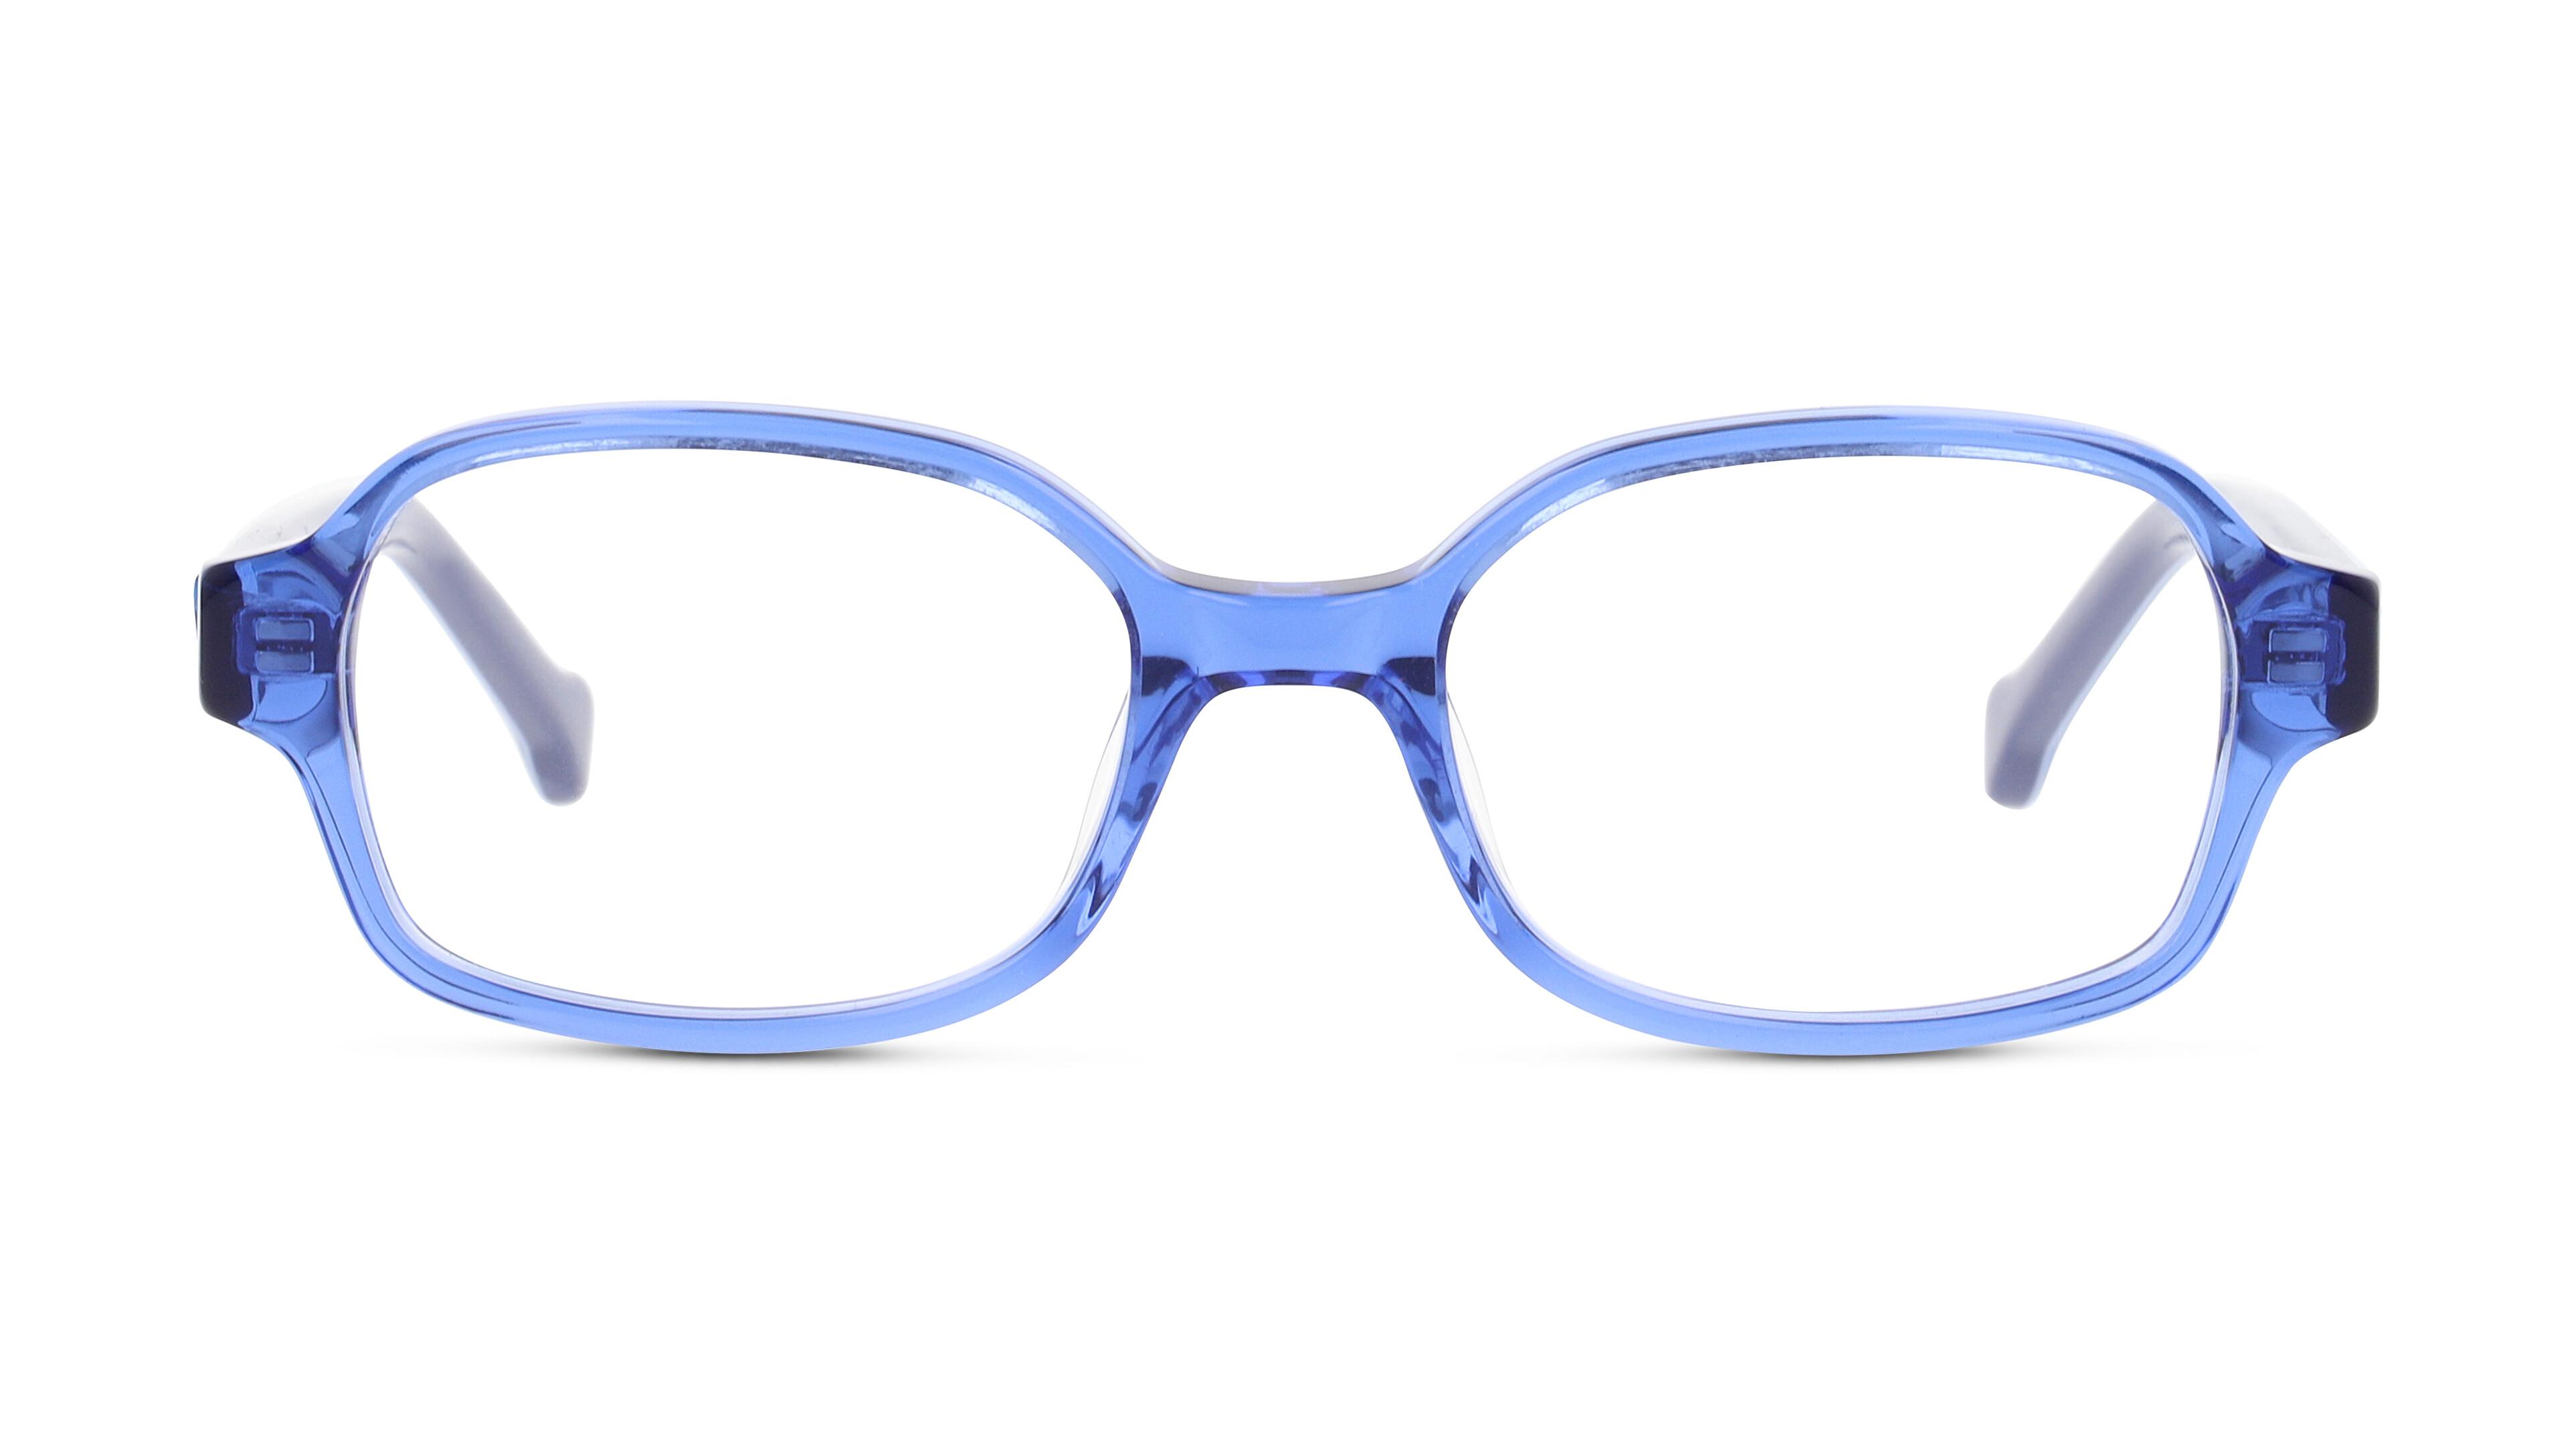 8719154762000-front-brillenfassung-unofficial-unok0003-navy-blue-navy-blue